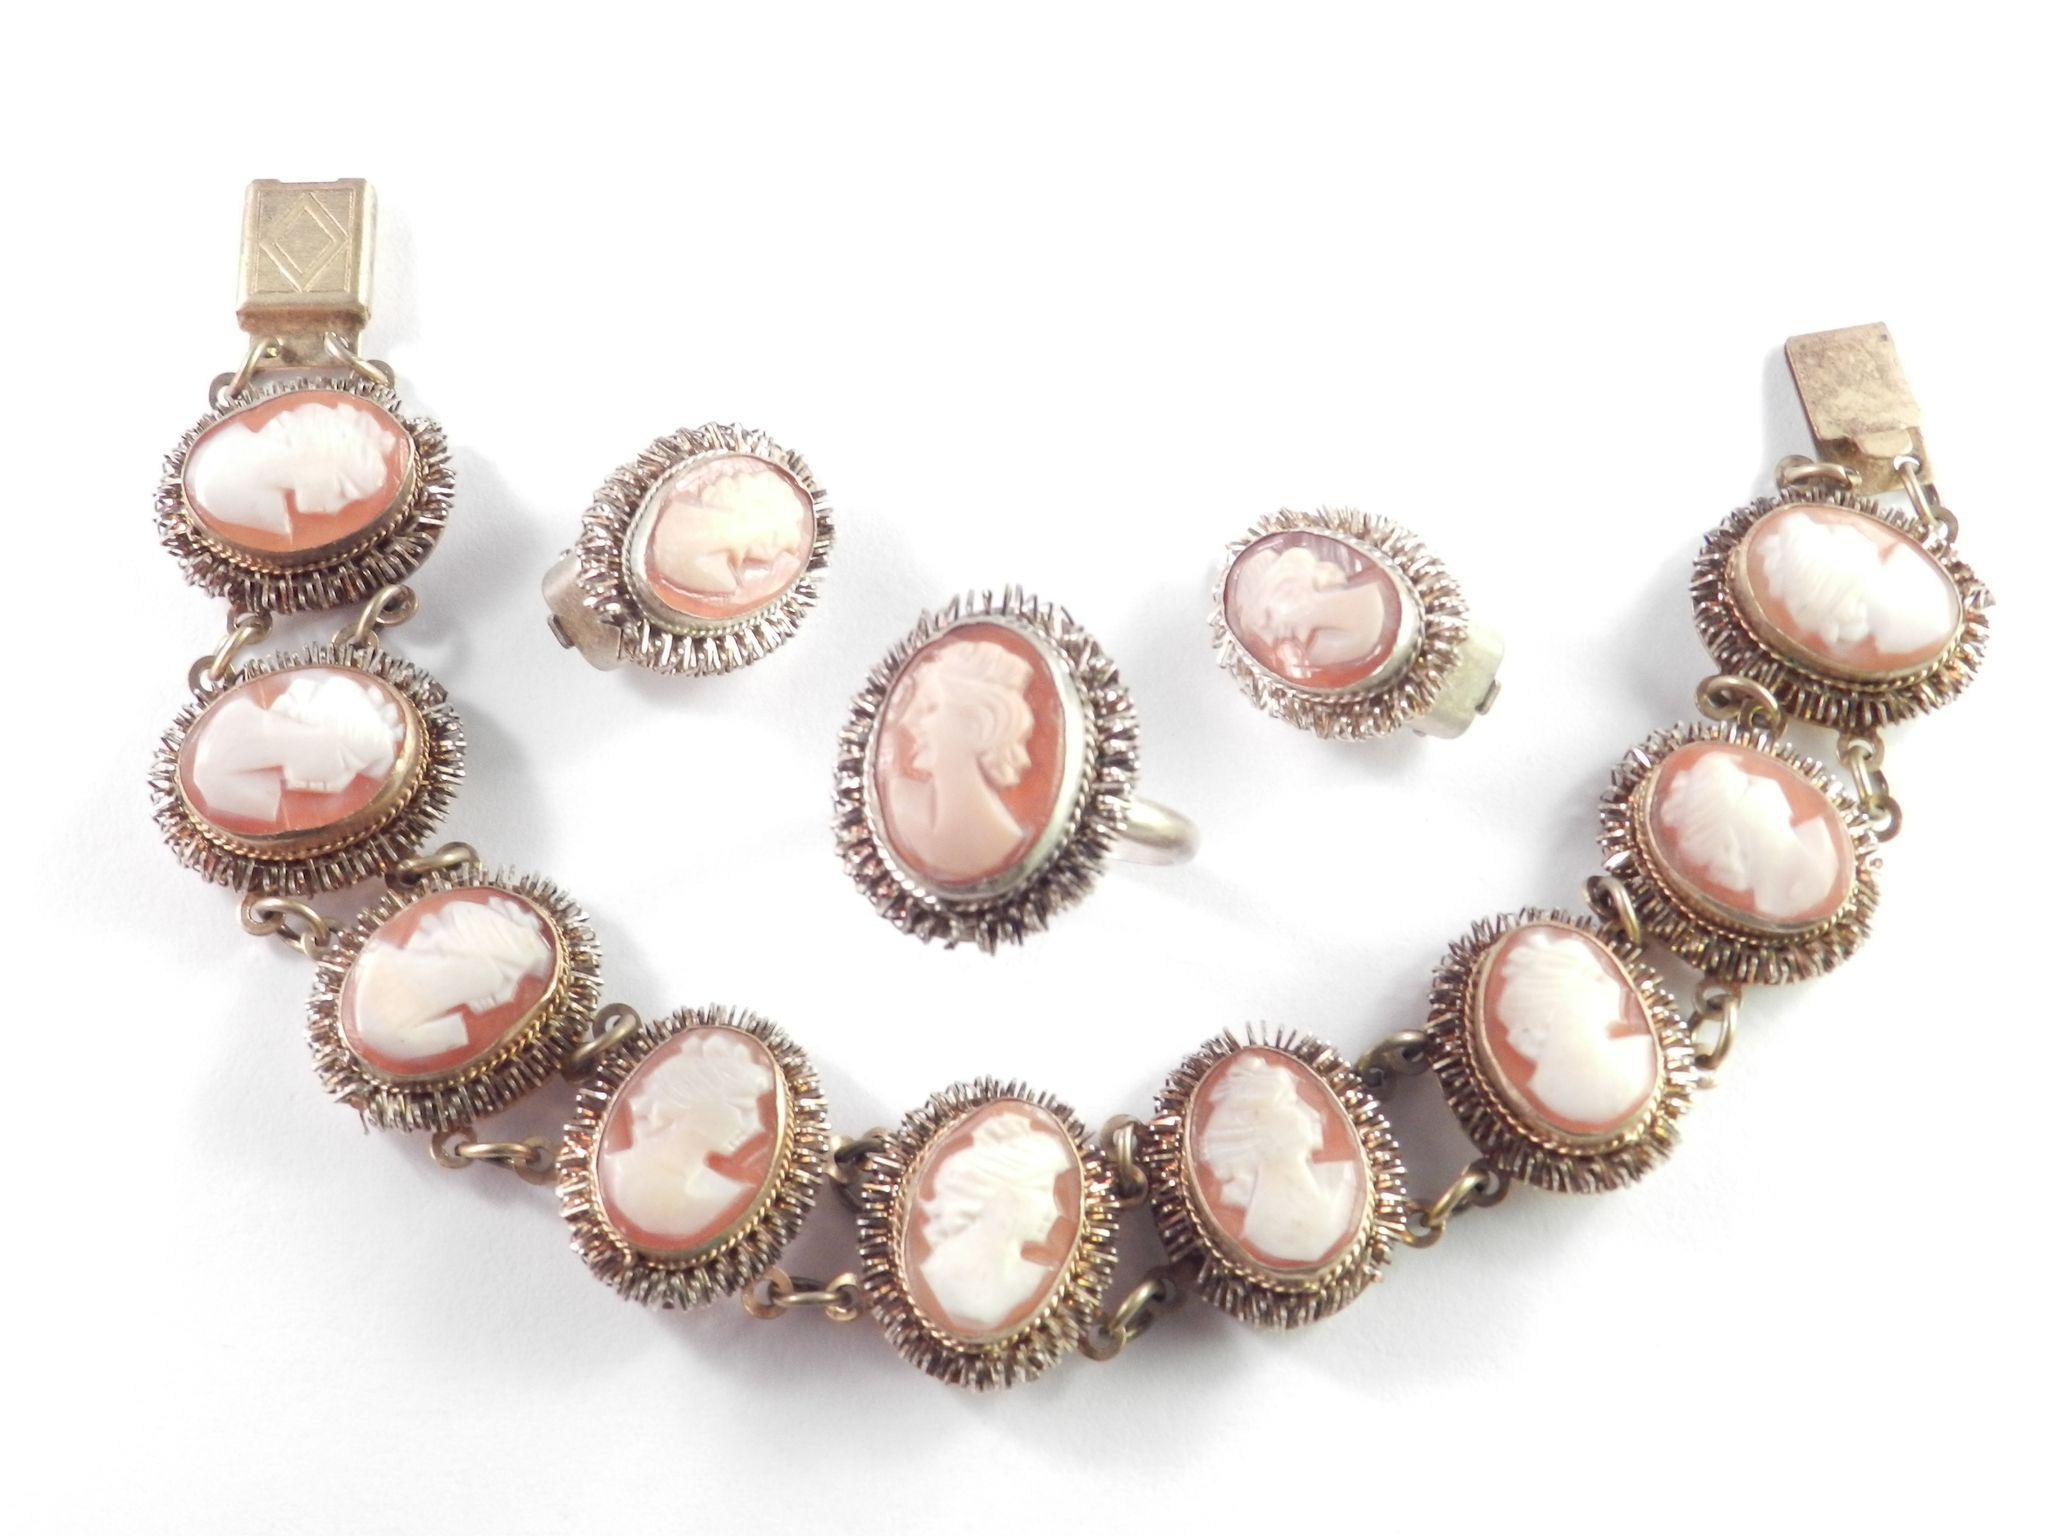 Vintage 800 Silver Shell Cameo Bracelet Earrings Ring